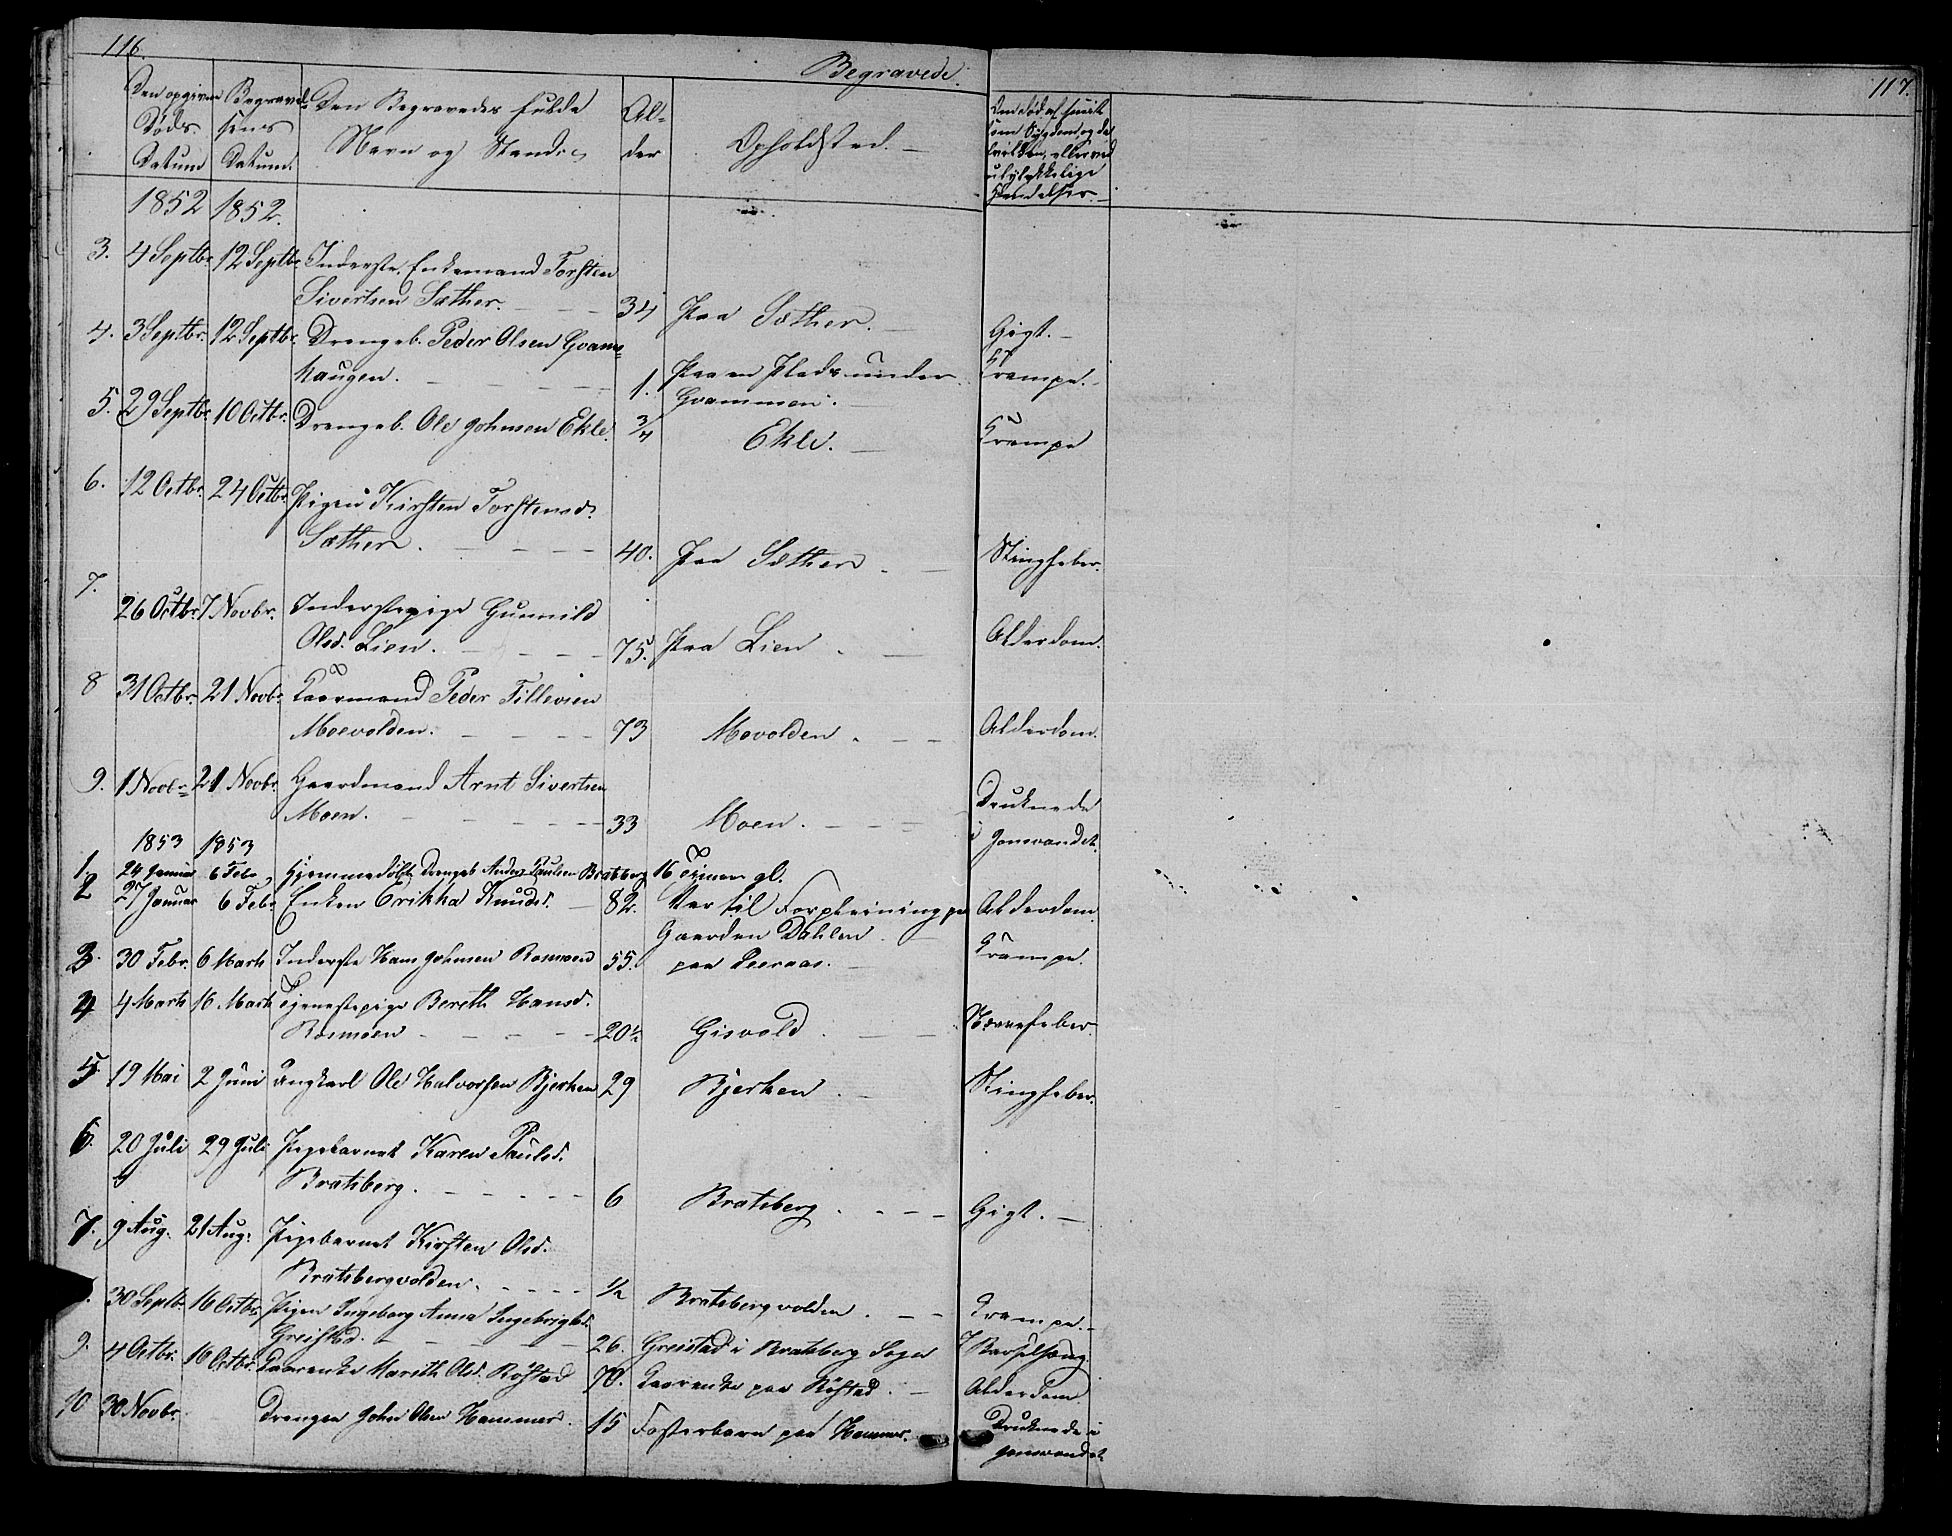 SAT, Ministerialprotokoller, klokkerbøker og fødselsregistre - Sør-Trøndelag, 608/L0339: Klokkerbok nr. 608C05, 1844-1863, s. 116-117